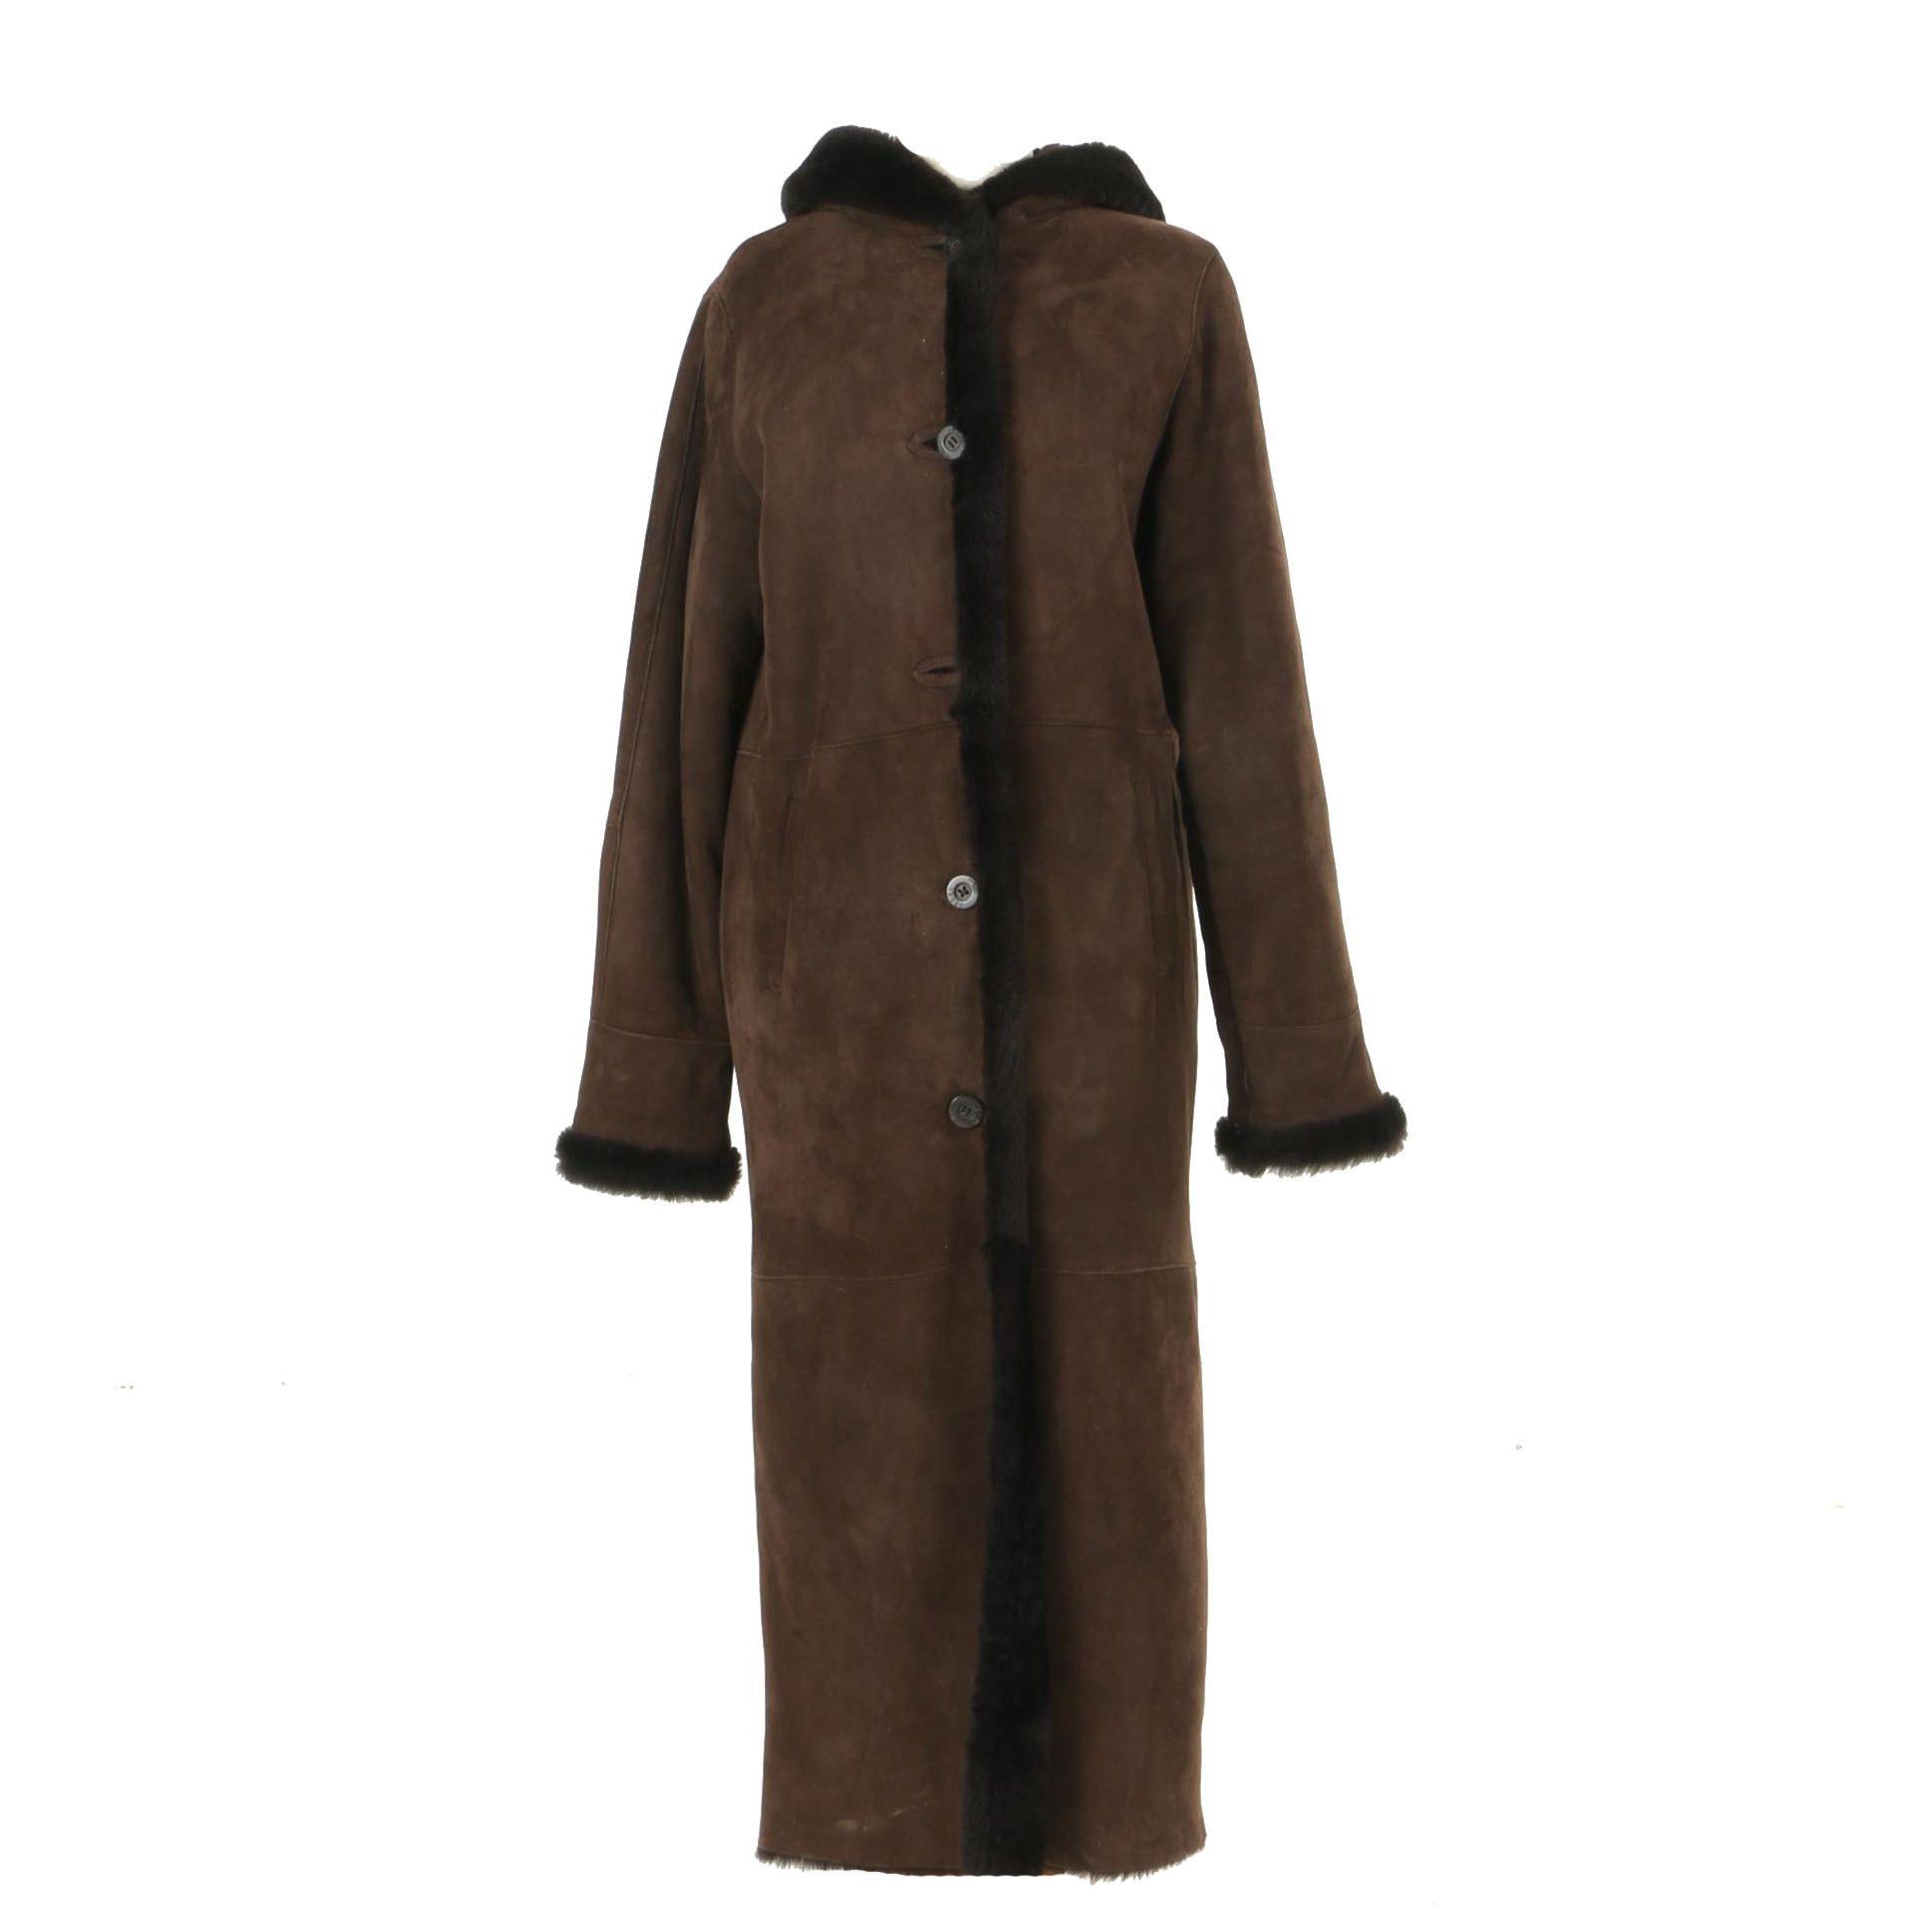 Jekel Shearling Coat